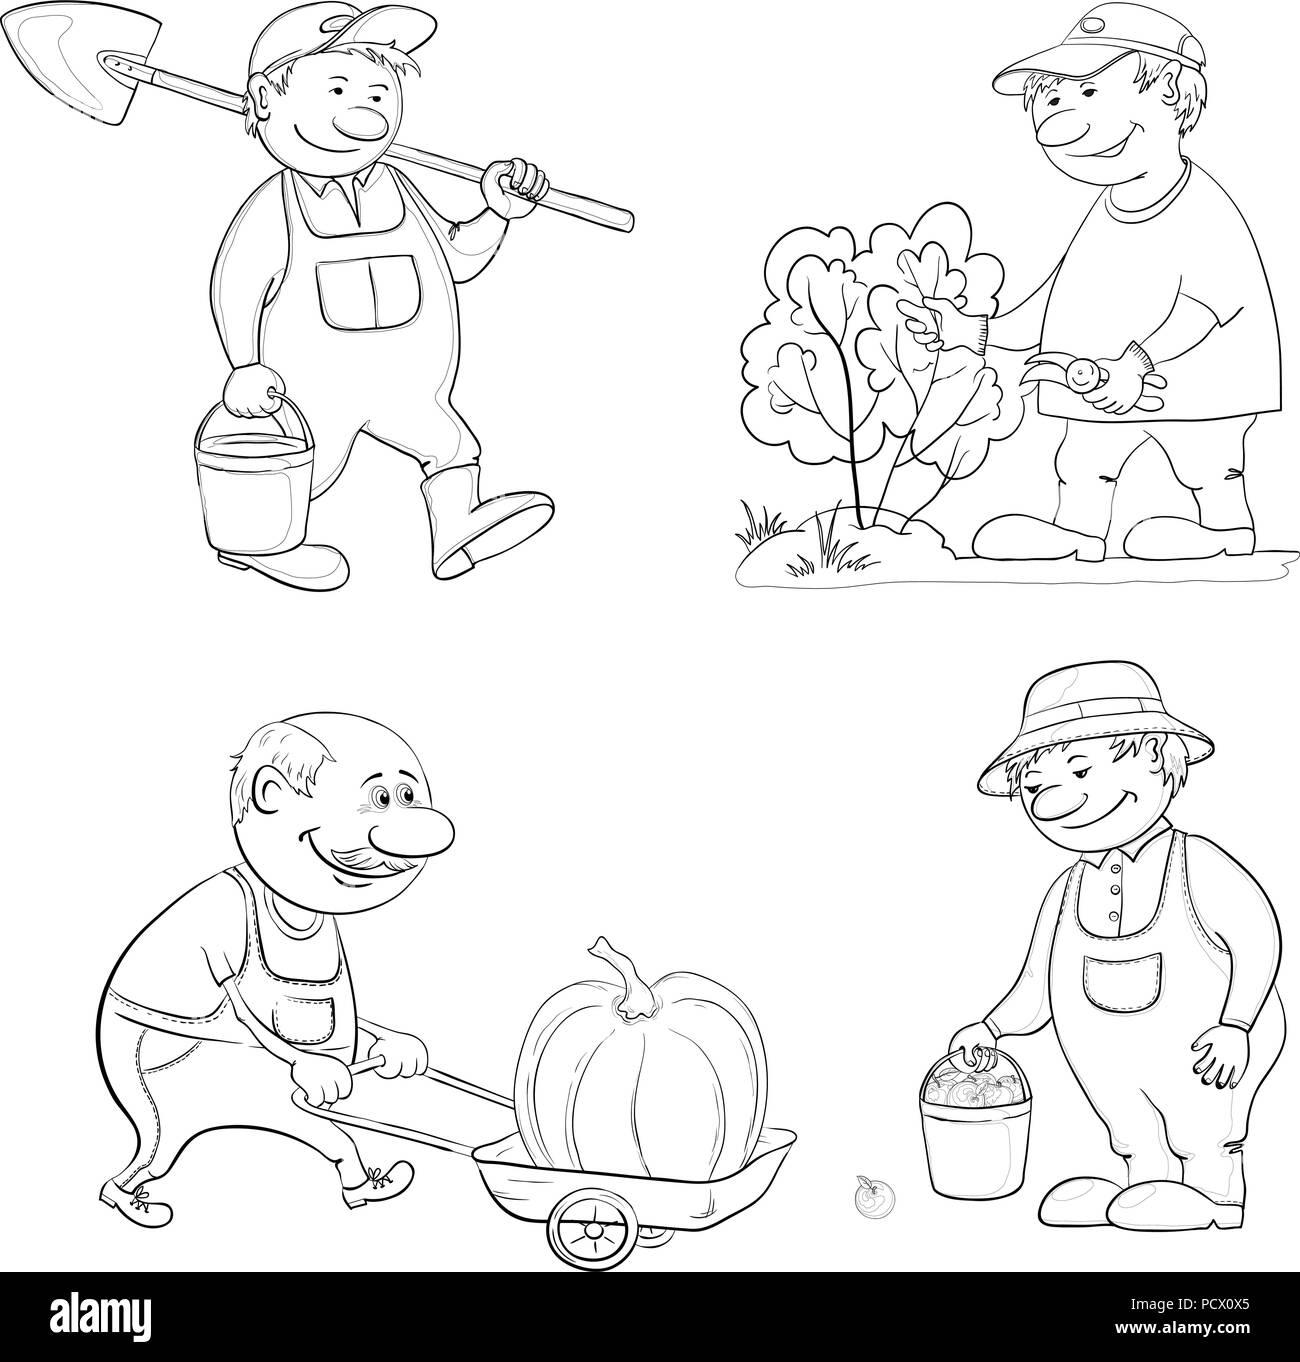 Jardiniers Cartoon Travailler avec un seau et une pelle, des coupes avec des sécateurs, Bush porte chariot avec citrouille, avec la récolte des pommes. Contour noir sur Whi Photo Stock